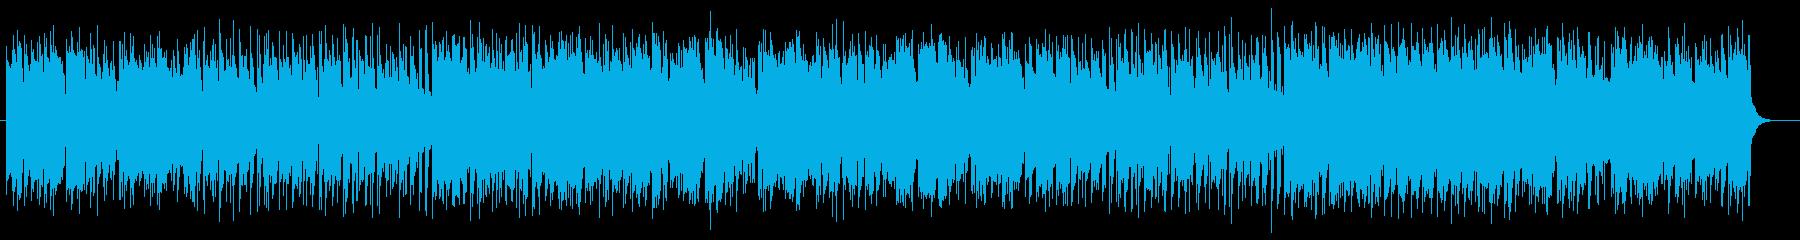 軽快でキャッチ―でメローなポップサウンドの再生済みの波形